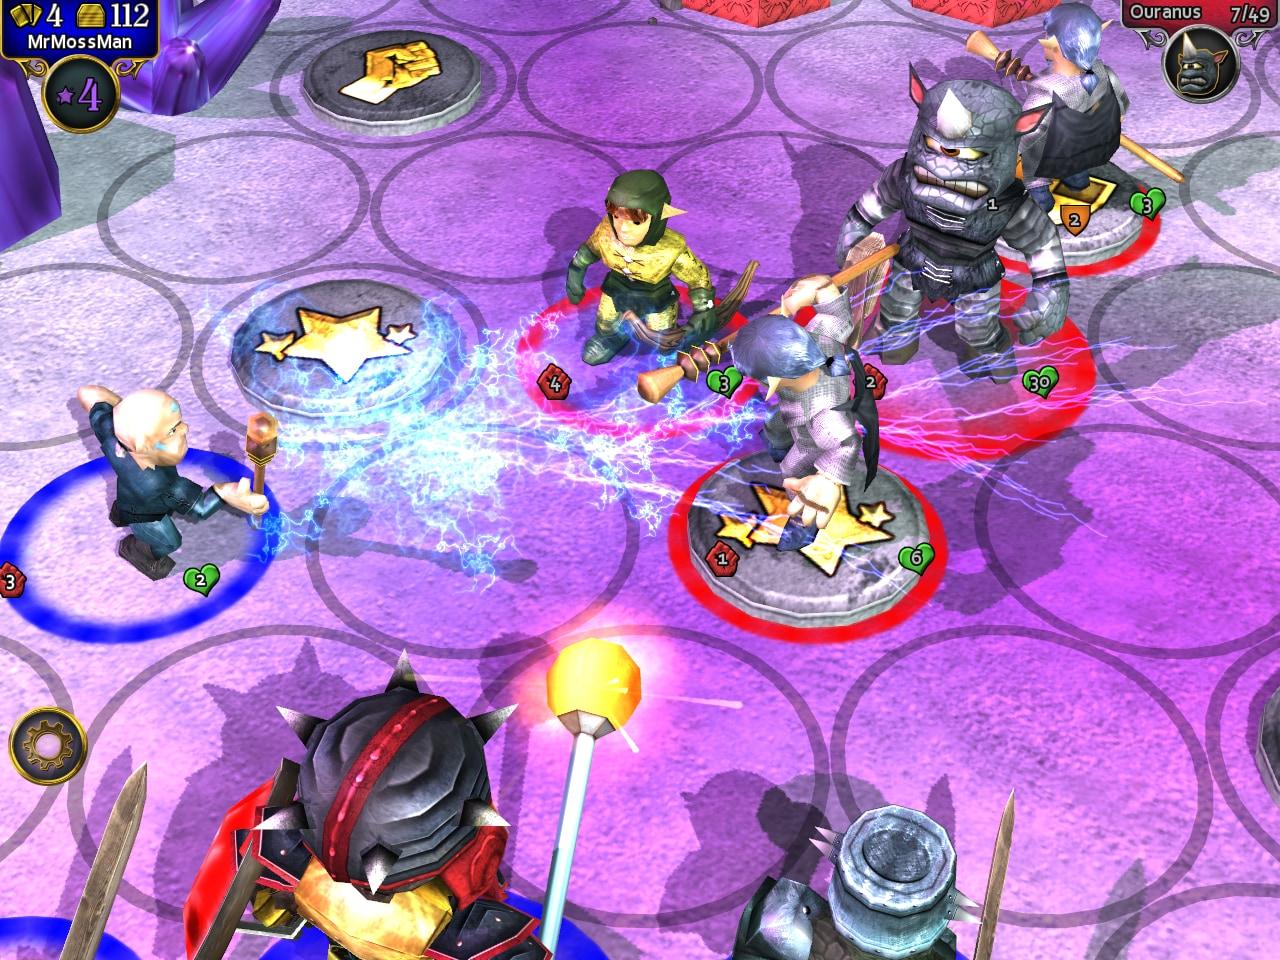 Alcune unità possiedono particolari magie, sia di difesa che di attacco.